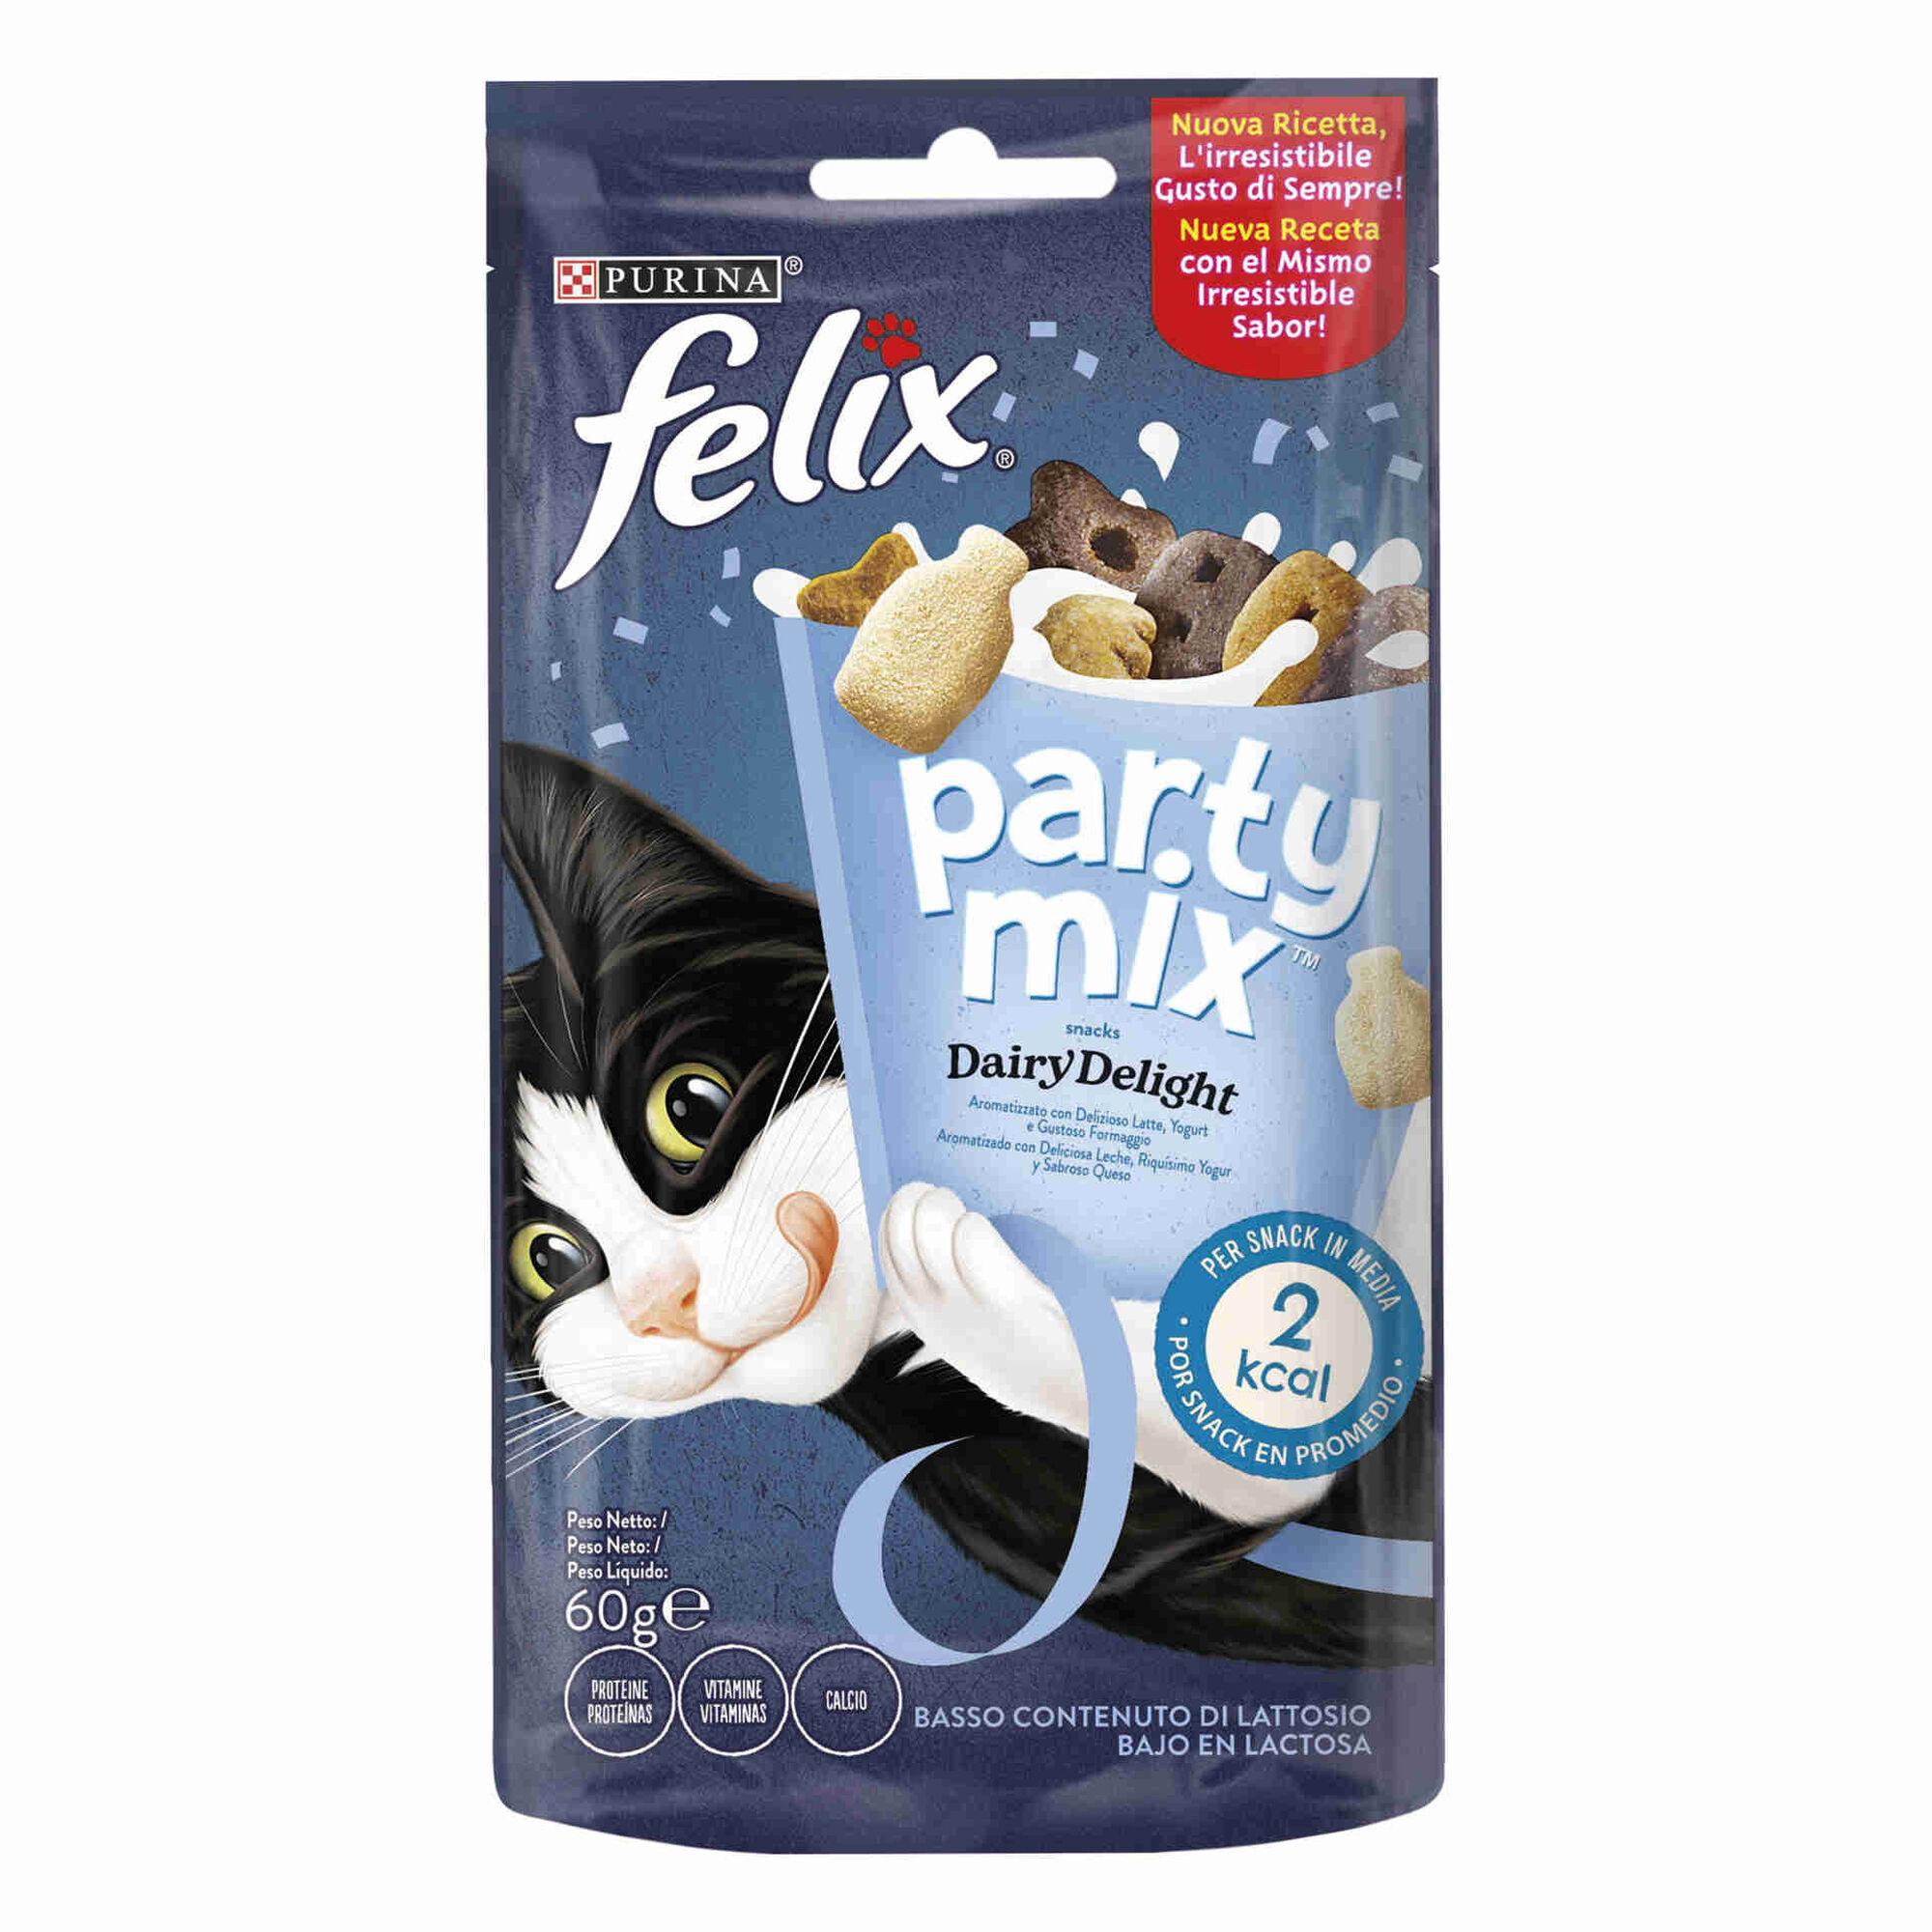 Snack para Gato Adulto Party Dairy Delight